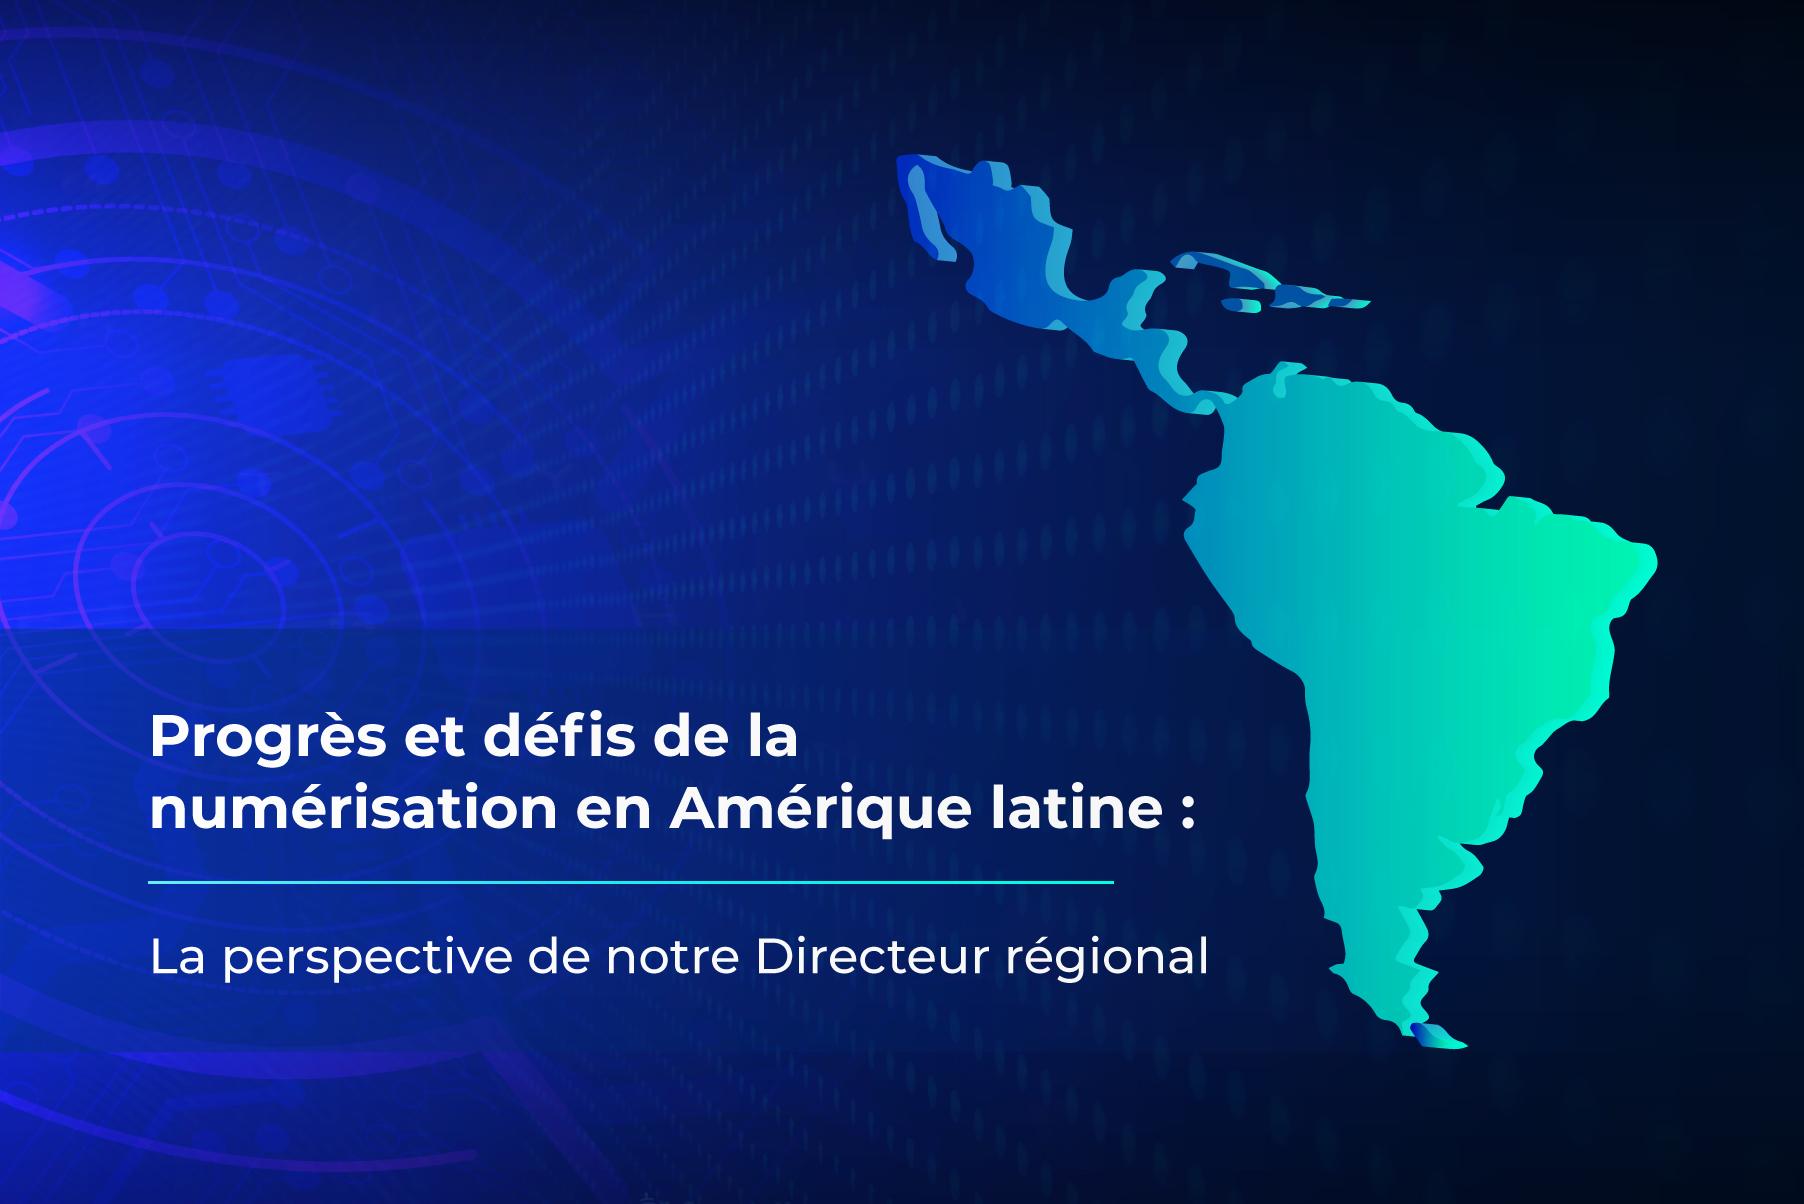 La numérisation en Amérique latine